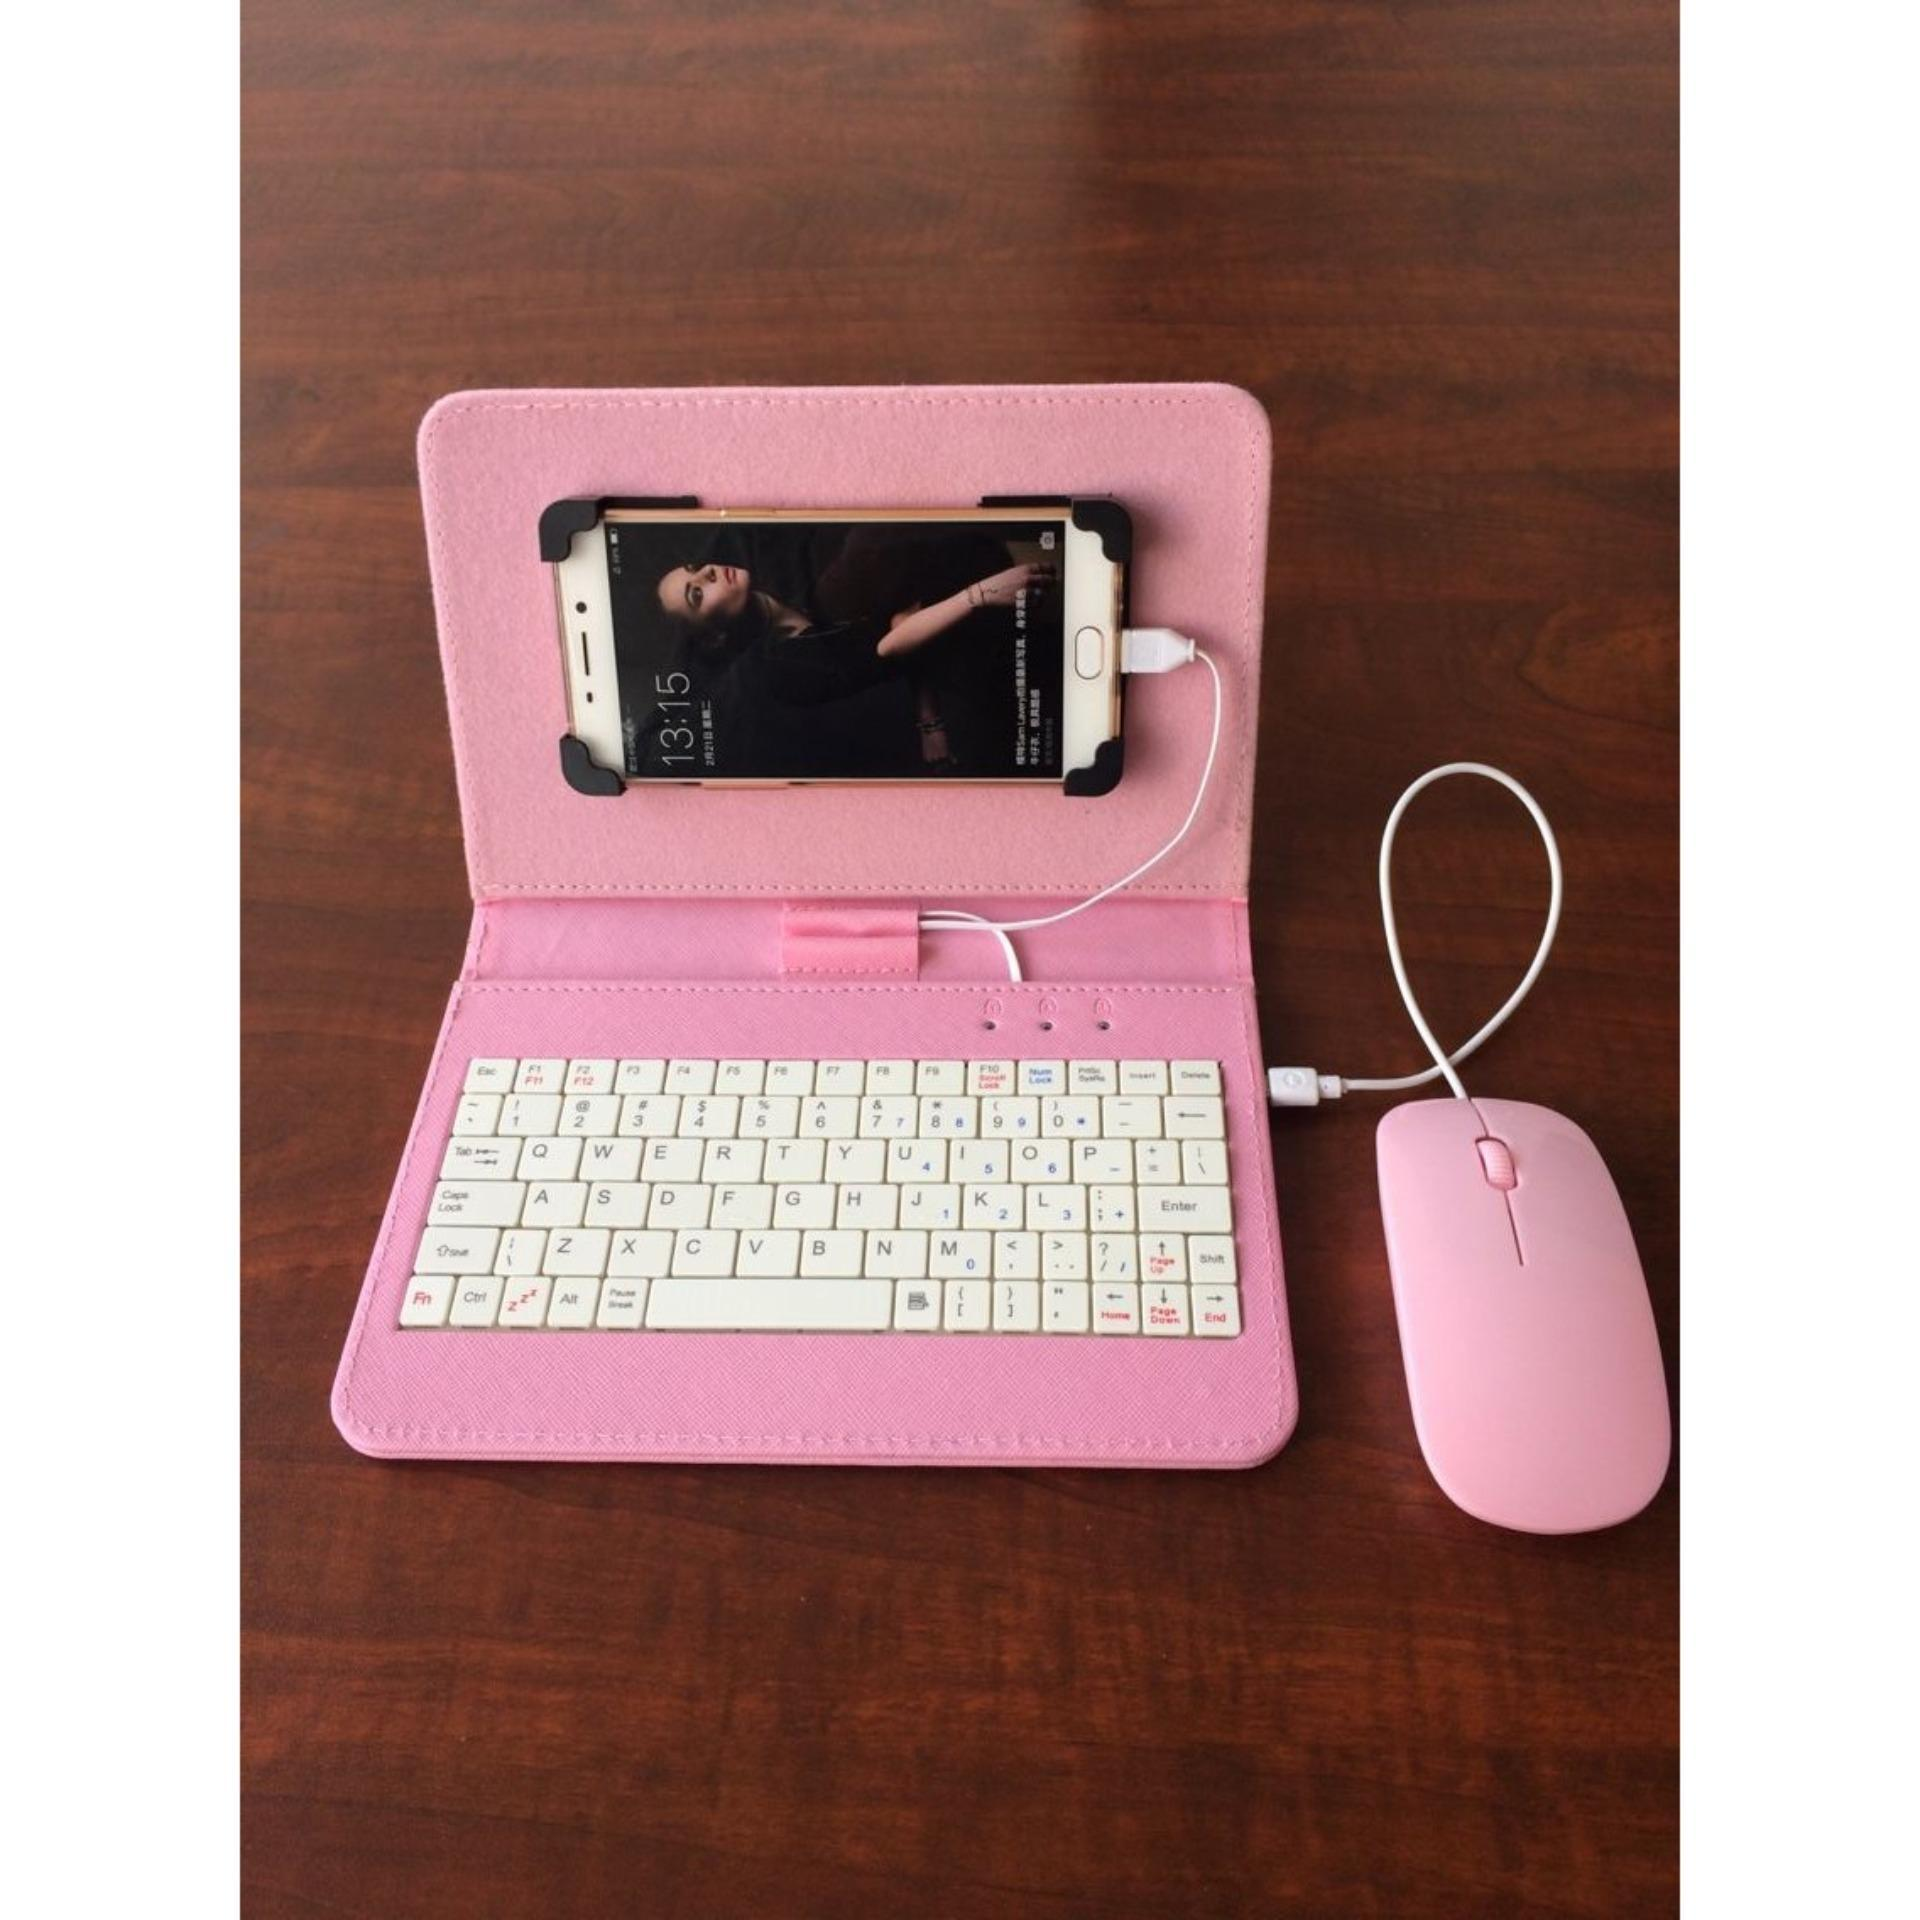 Combo bao da bàn phím kèm chuột + lót chuột cho điện thoại, máy tính bảng từ 4.5-8 inch